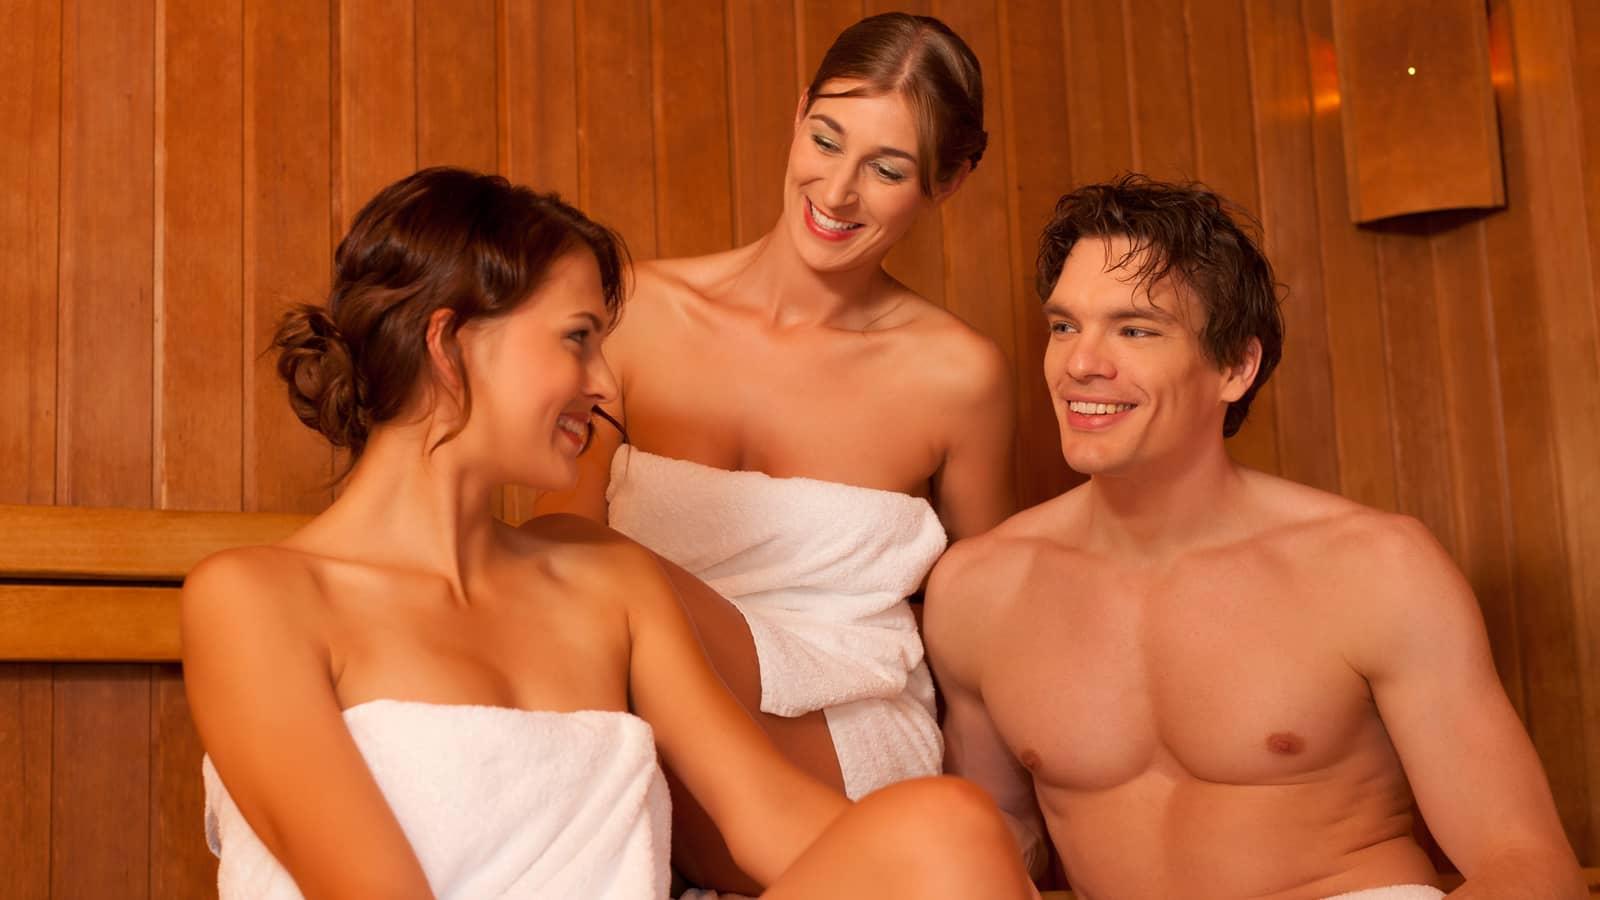 Я друг и жена онлайн, Муж, жена и друг семьи порно смотреть онлайн порно 28 фотография